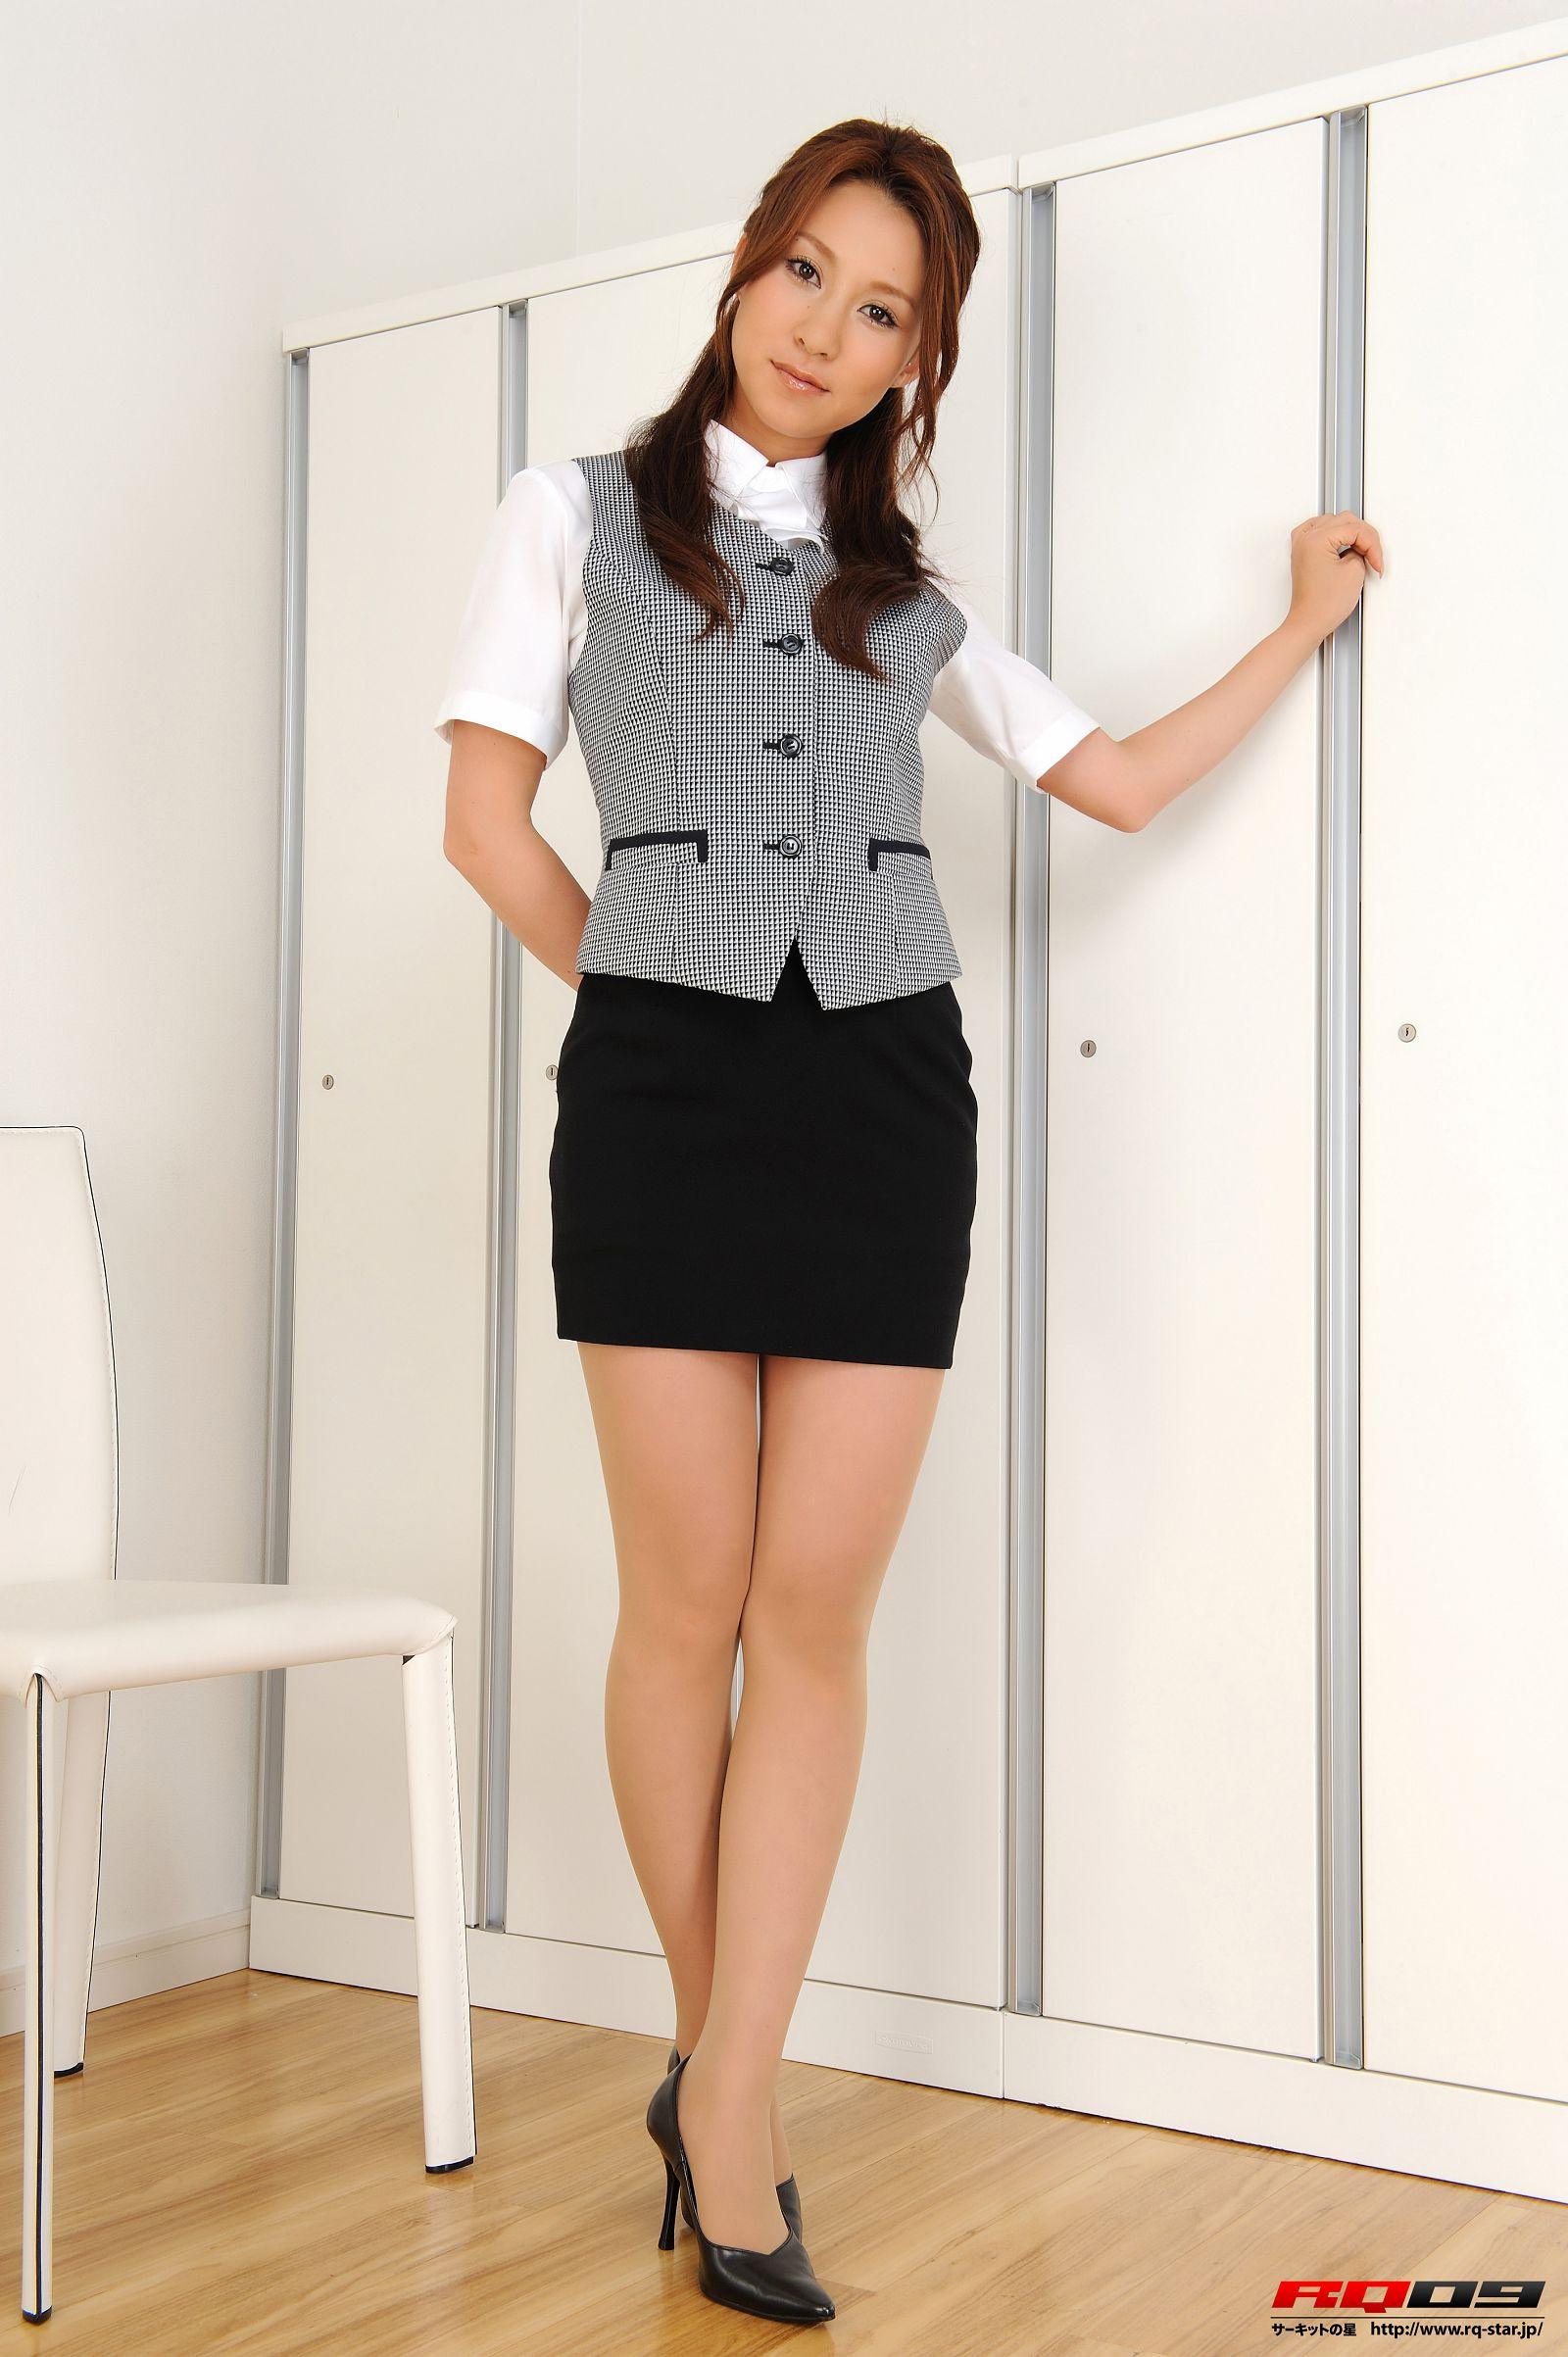 [RQ STAR美女] NO.0192 Megumi Yano 矢野めぐみ Office Lady[59P] RQ STAR 第1张